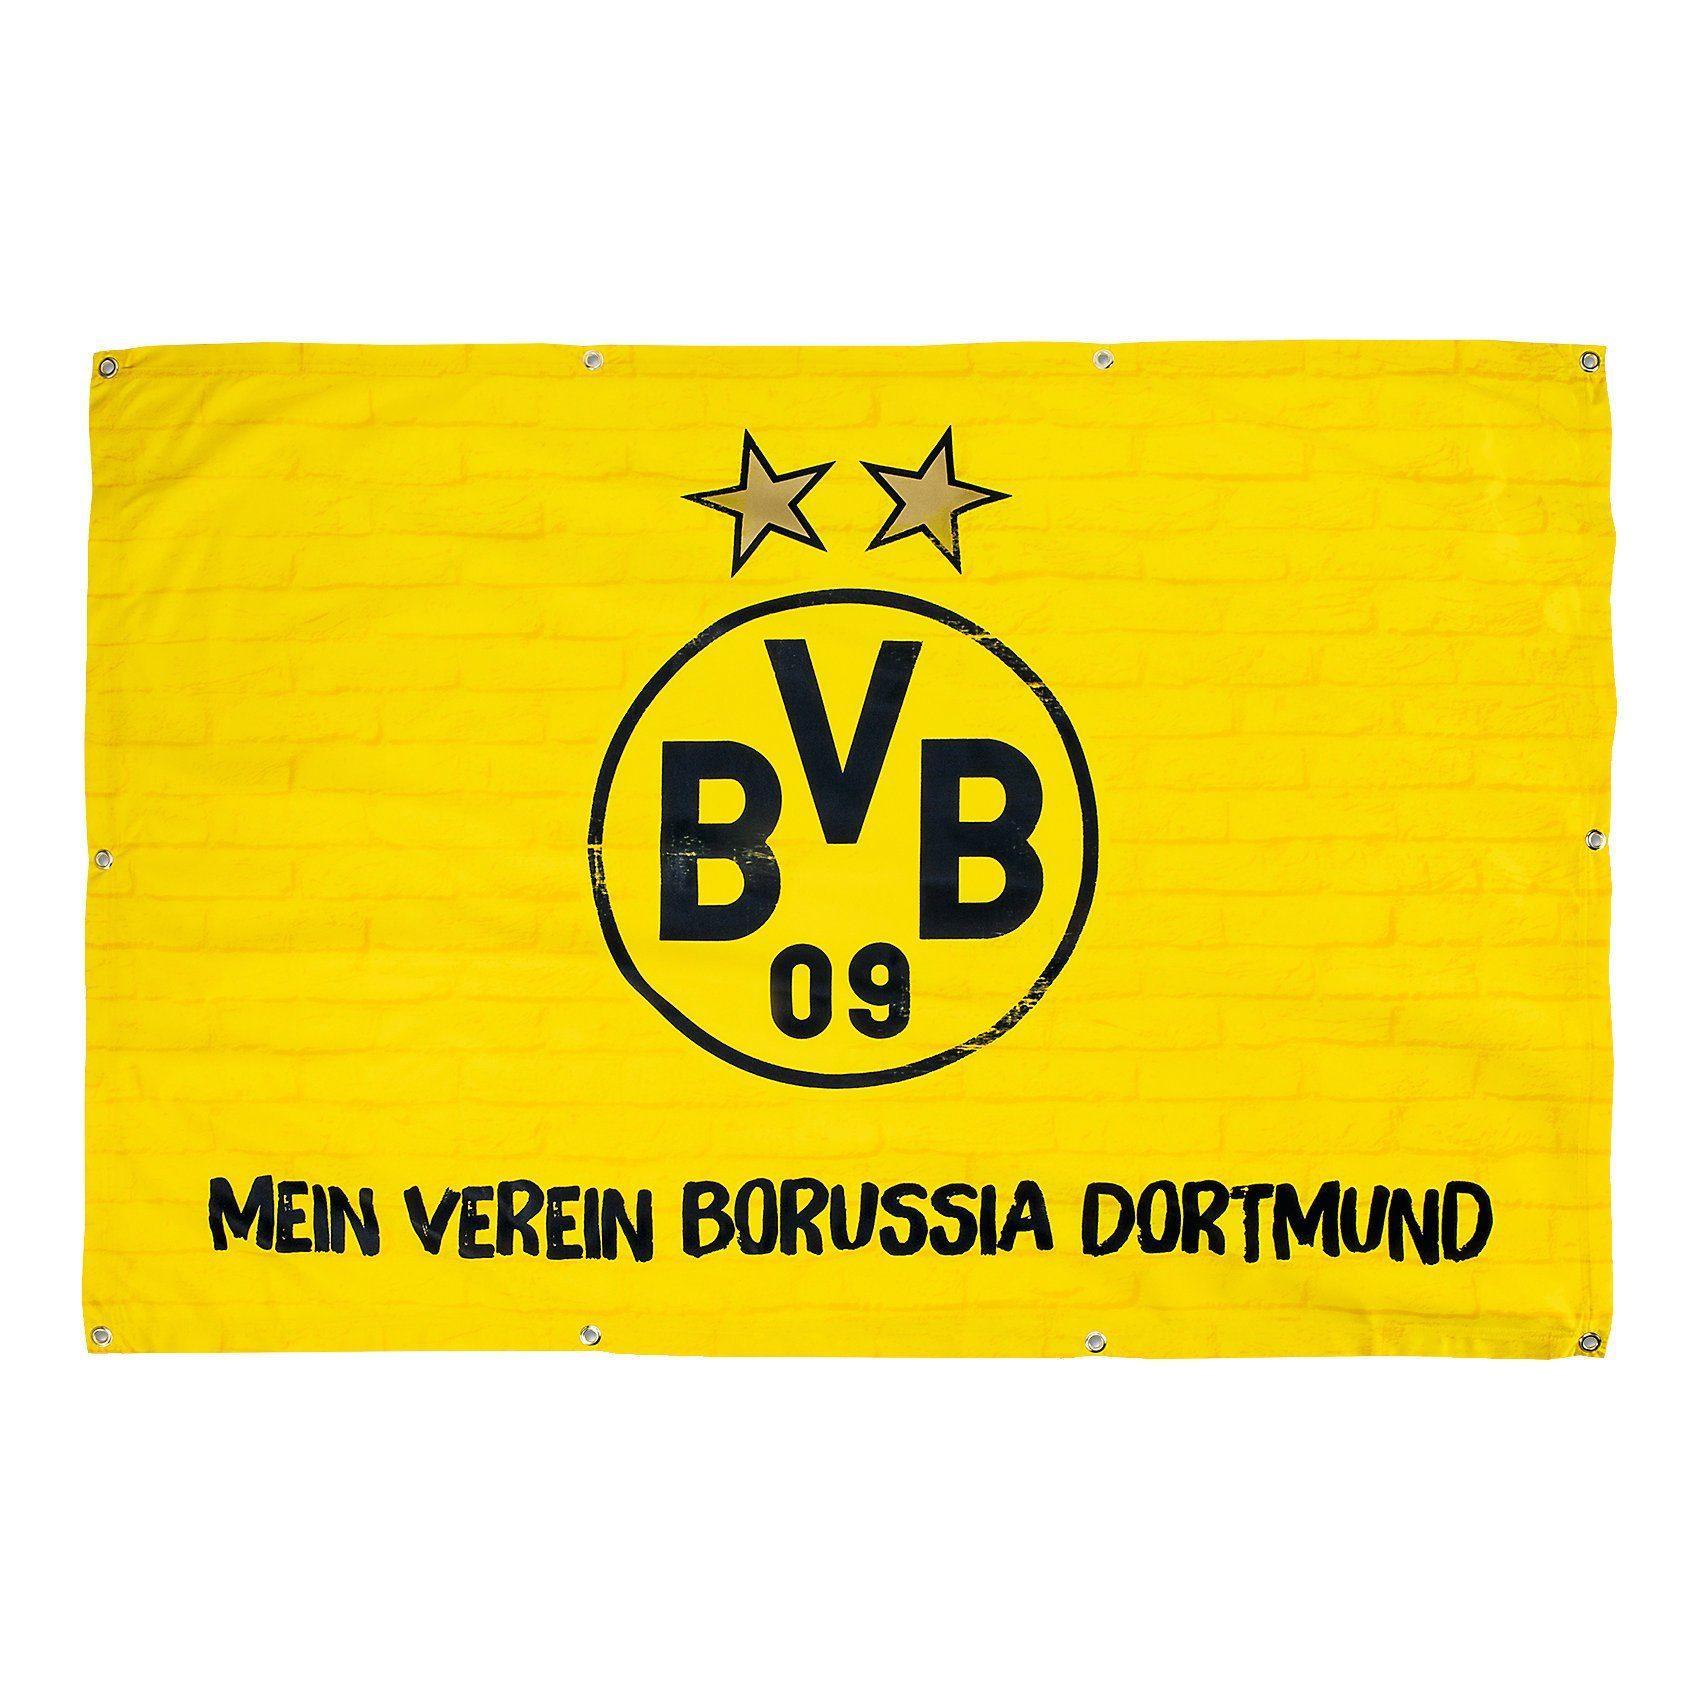 Balkonfahne BVB, Mein Verein Borussia Dortmund, 100 x 150 cm